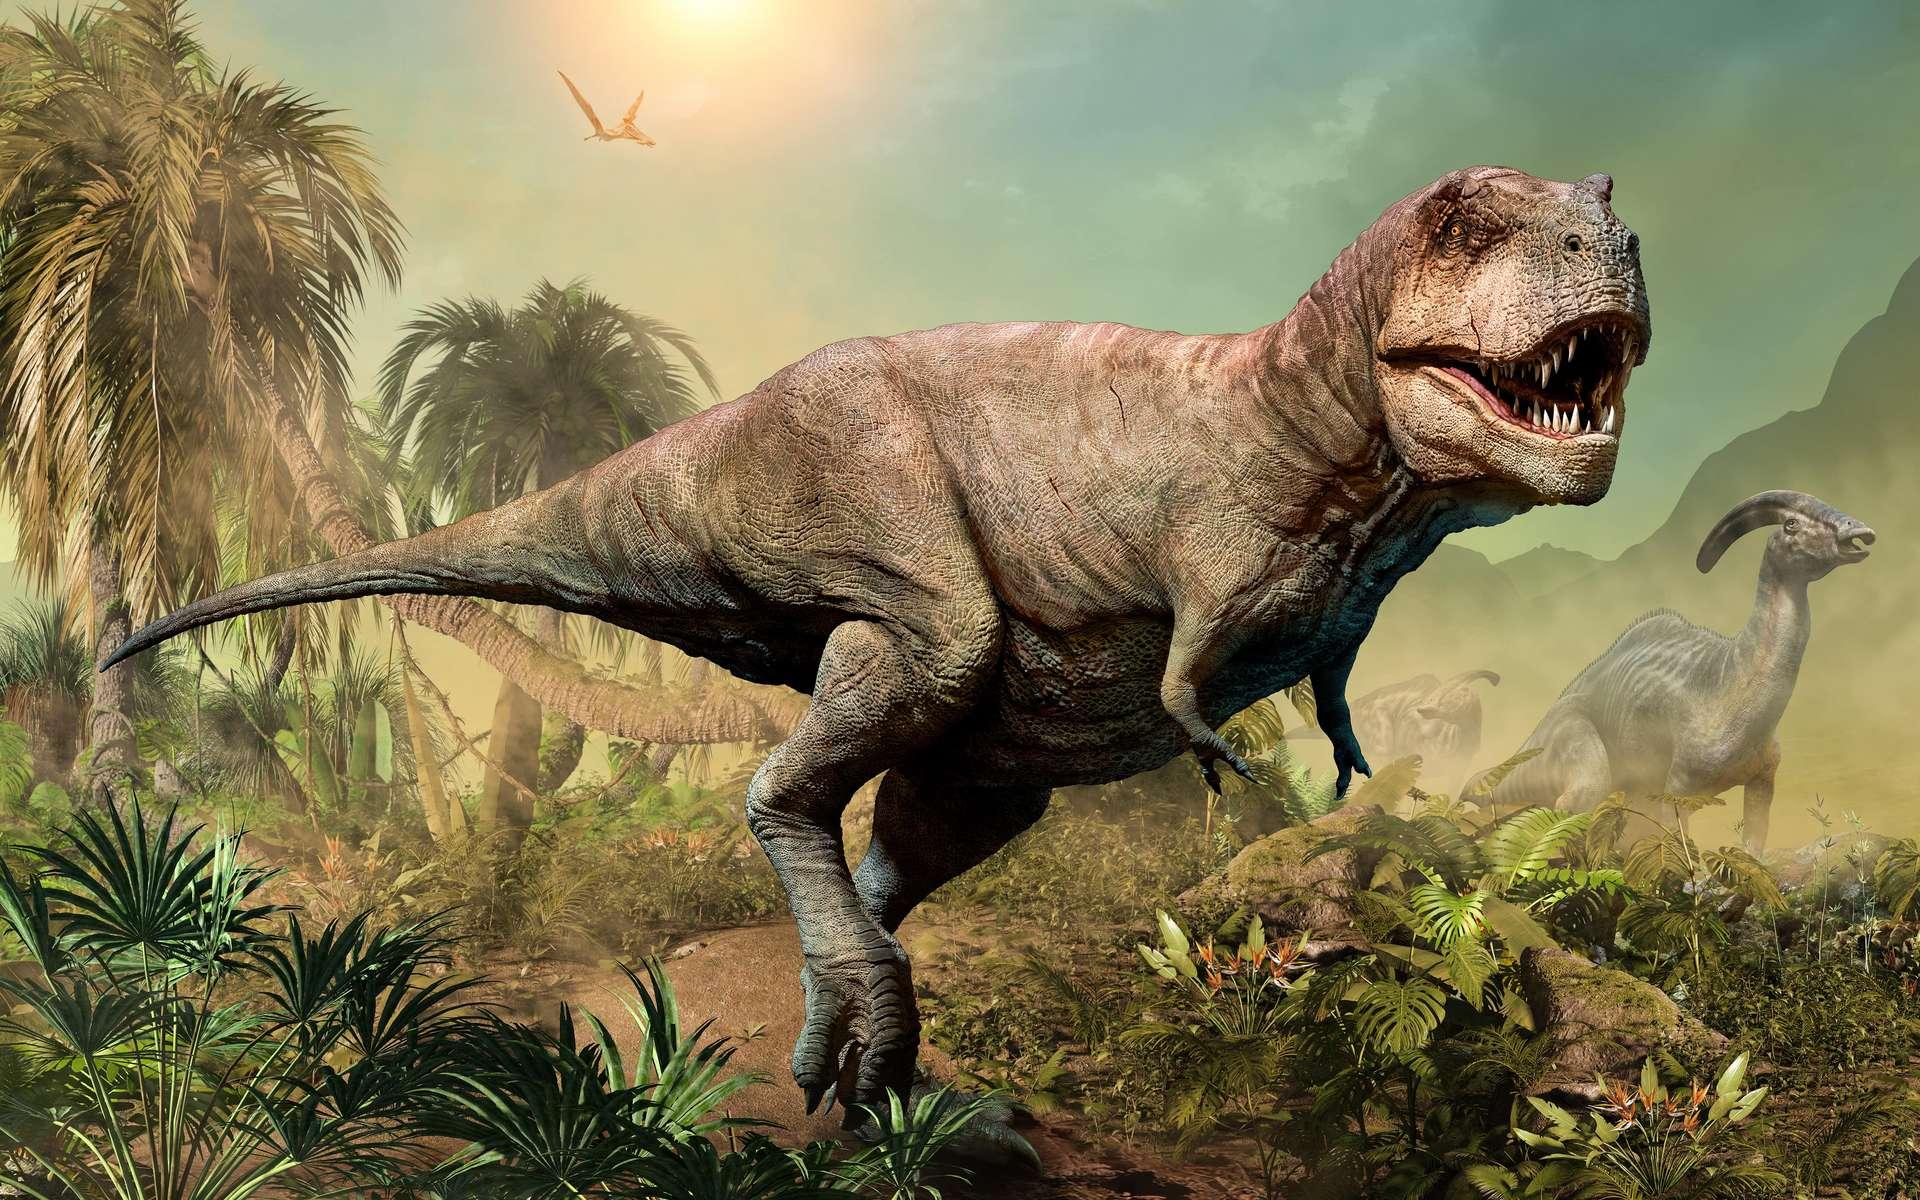 Le T. rex appartient à la sous-famille des tyrannosauridés, dont les petits faisaient la taille d'un chien à la naissance. © Warpaintcobra, Adobe Stock